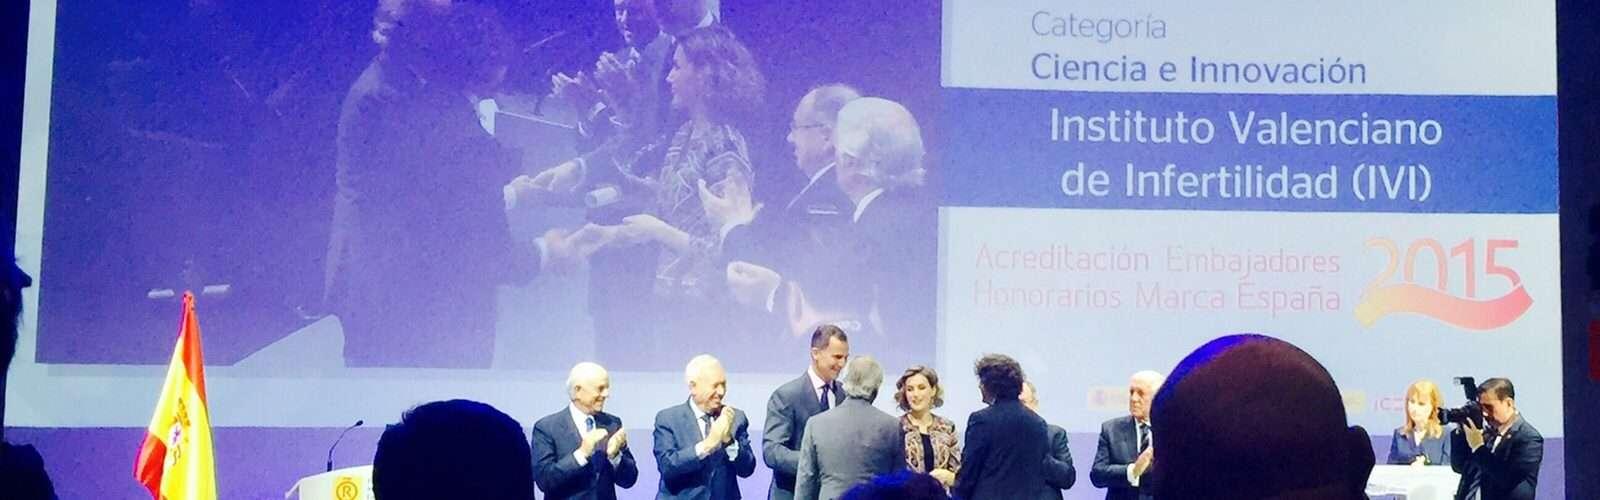 IVI Embajador Honorario de la Marca España